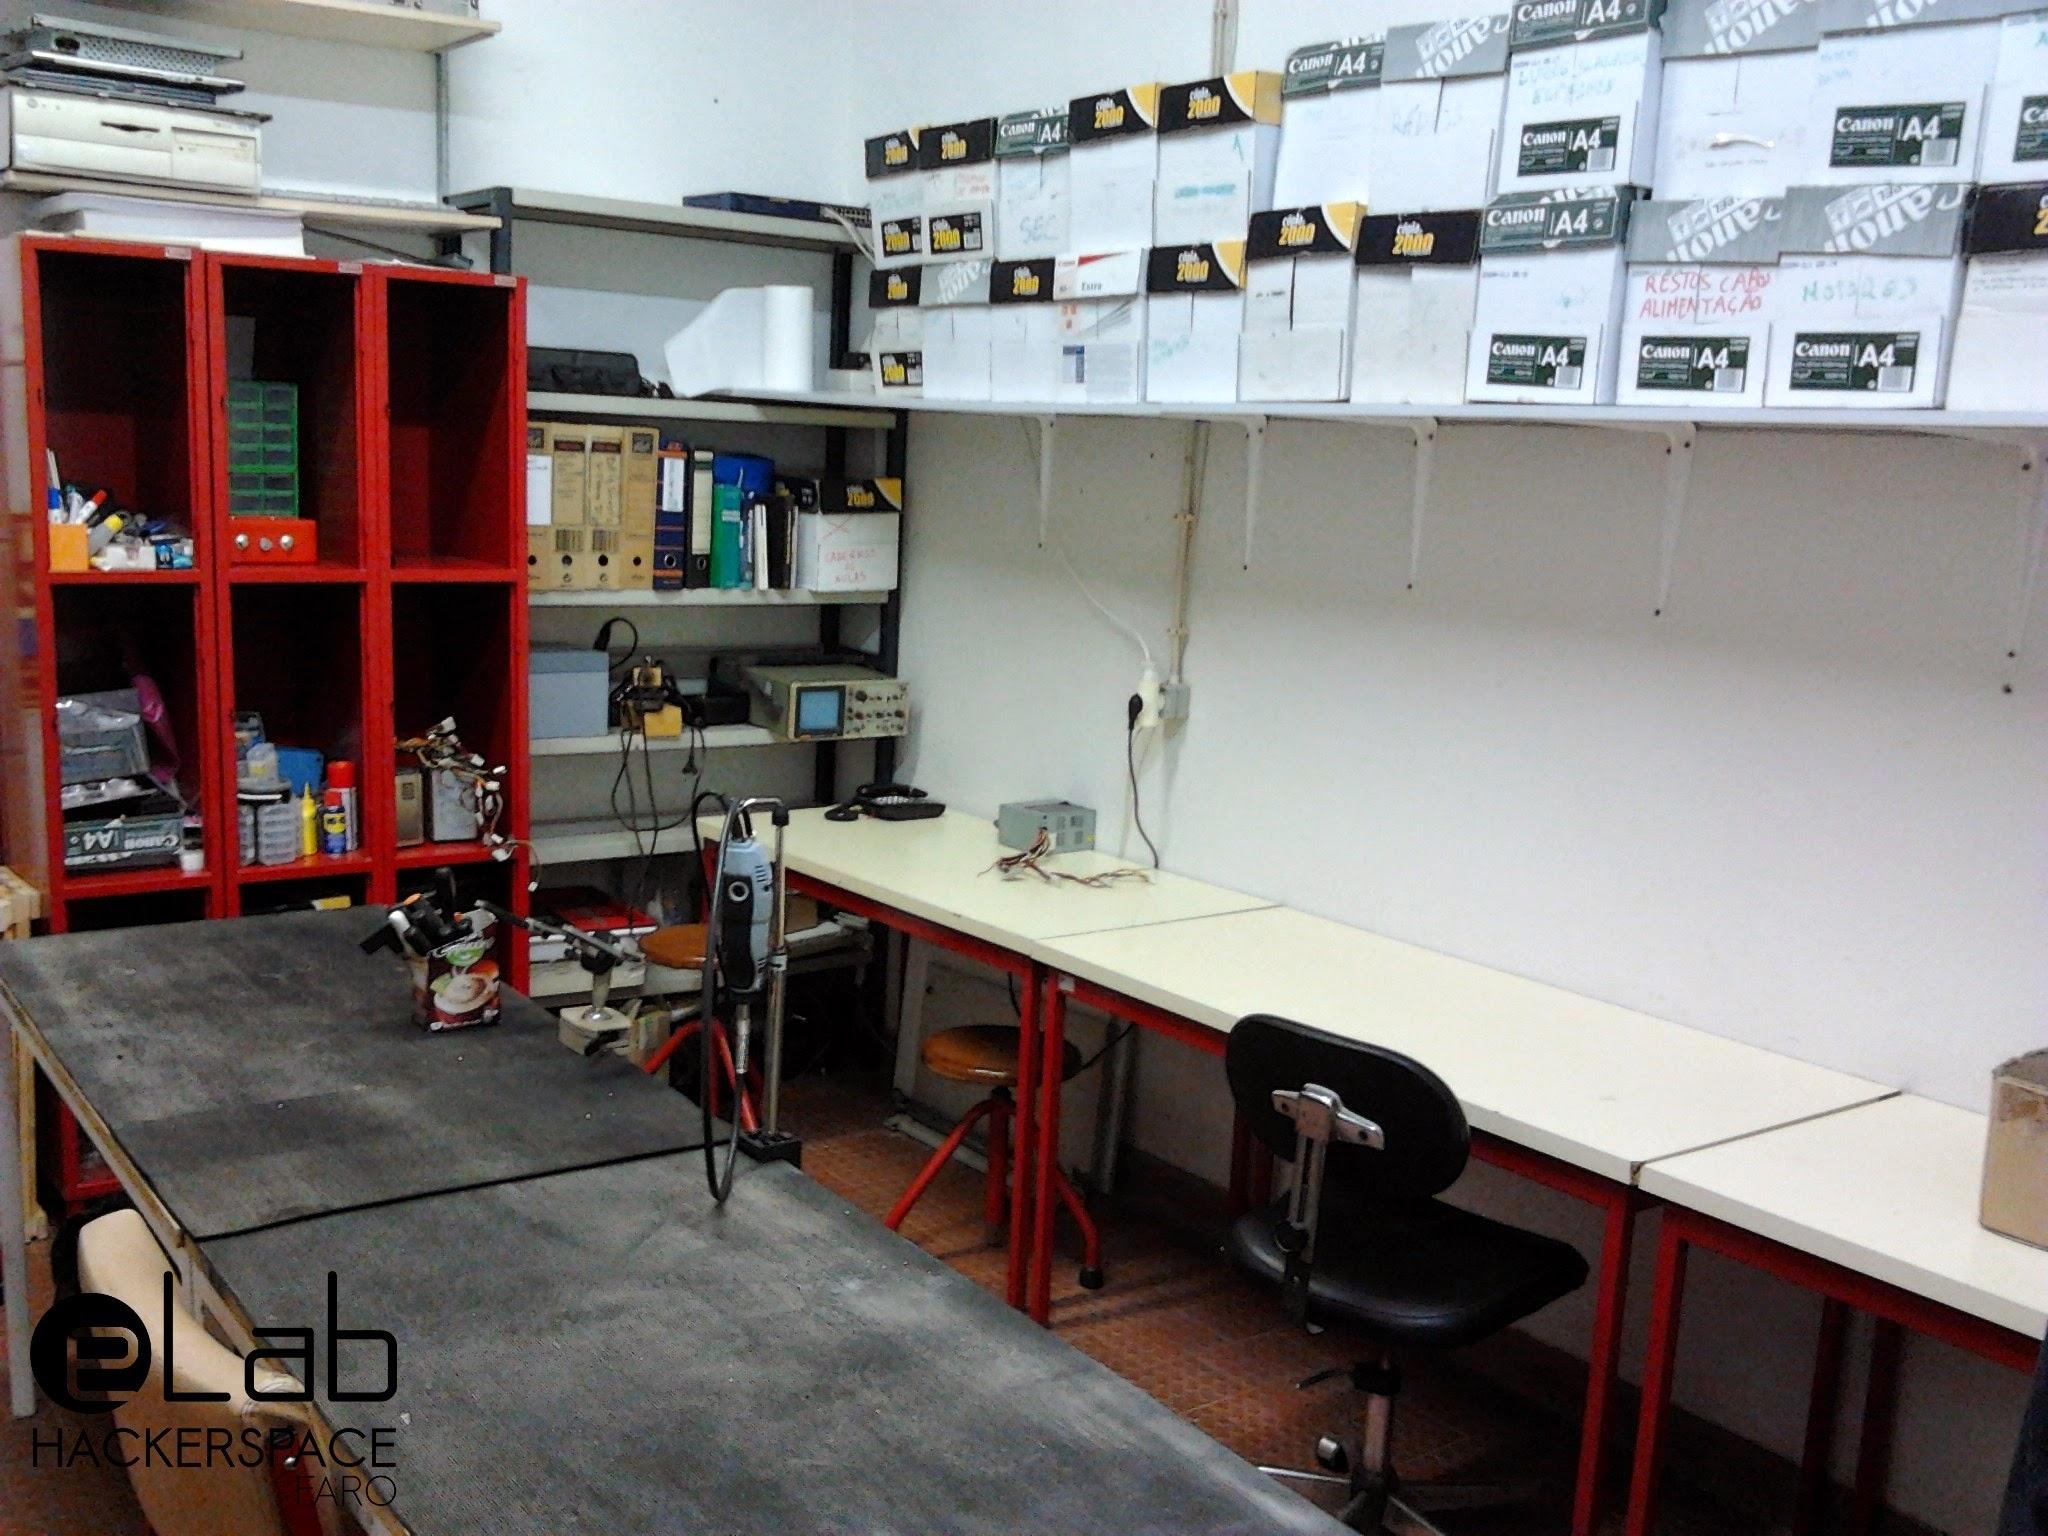 2012-01-16 19.36.35.jpg